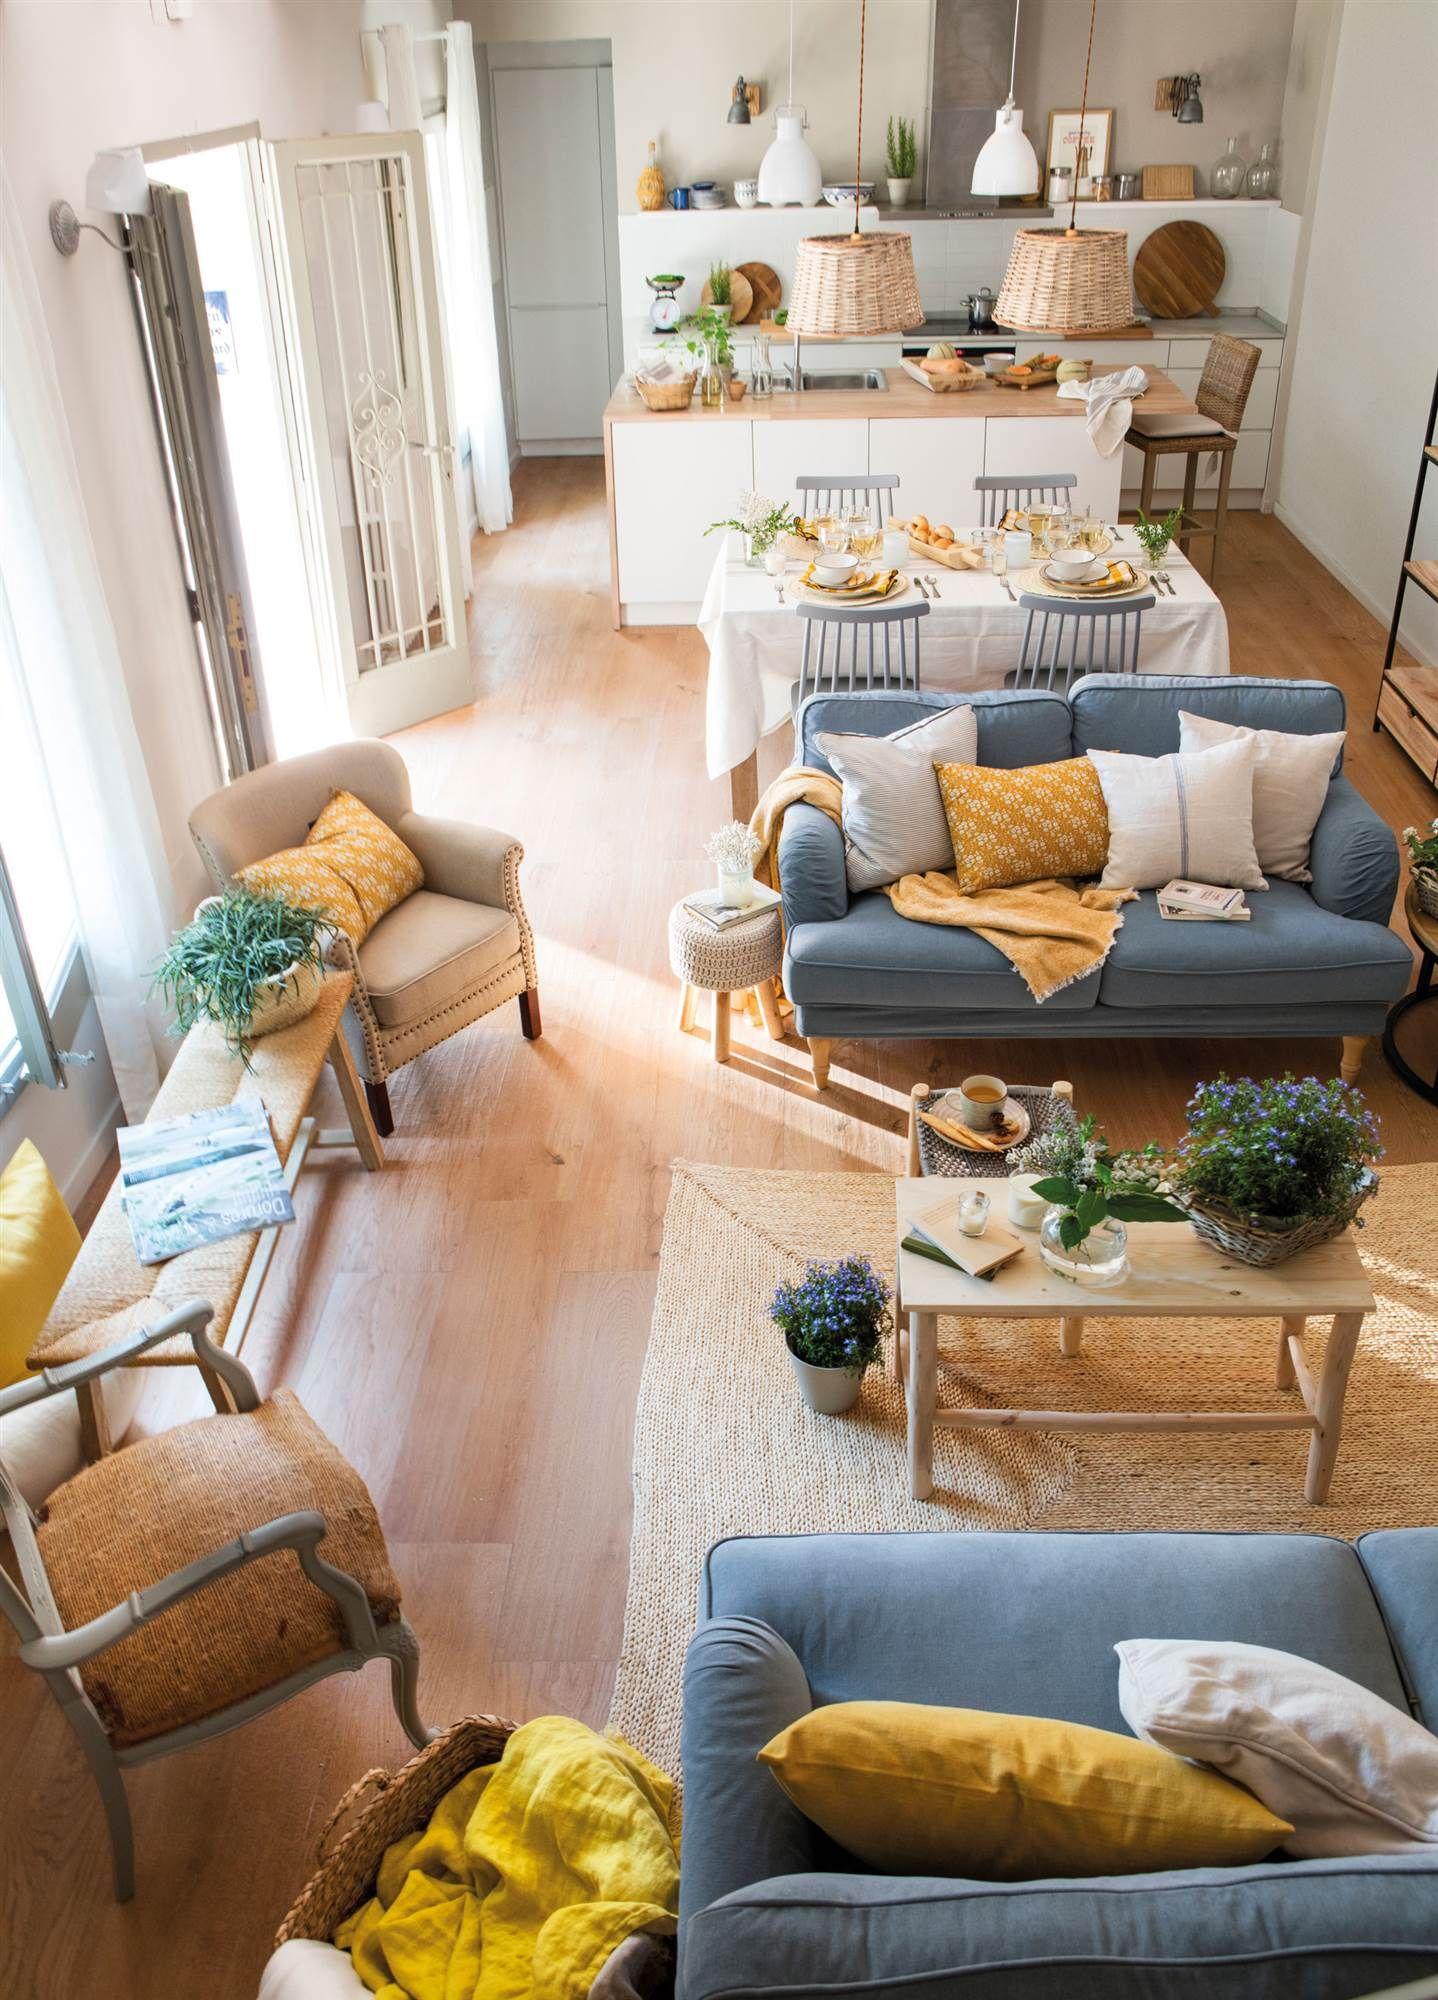 00465066. Salón comedor con cocina abierta. Sofás en azul y cojines ...